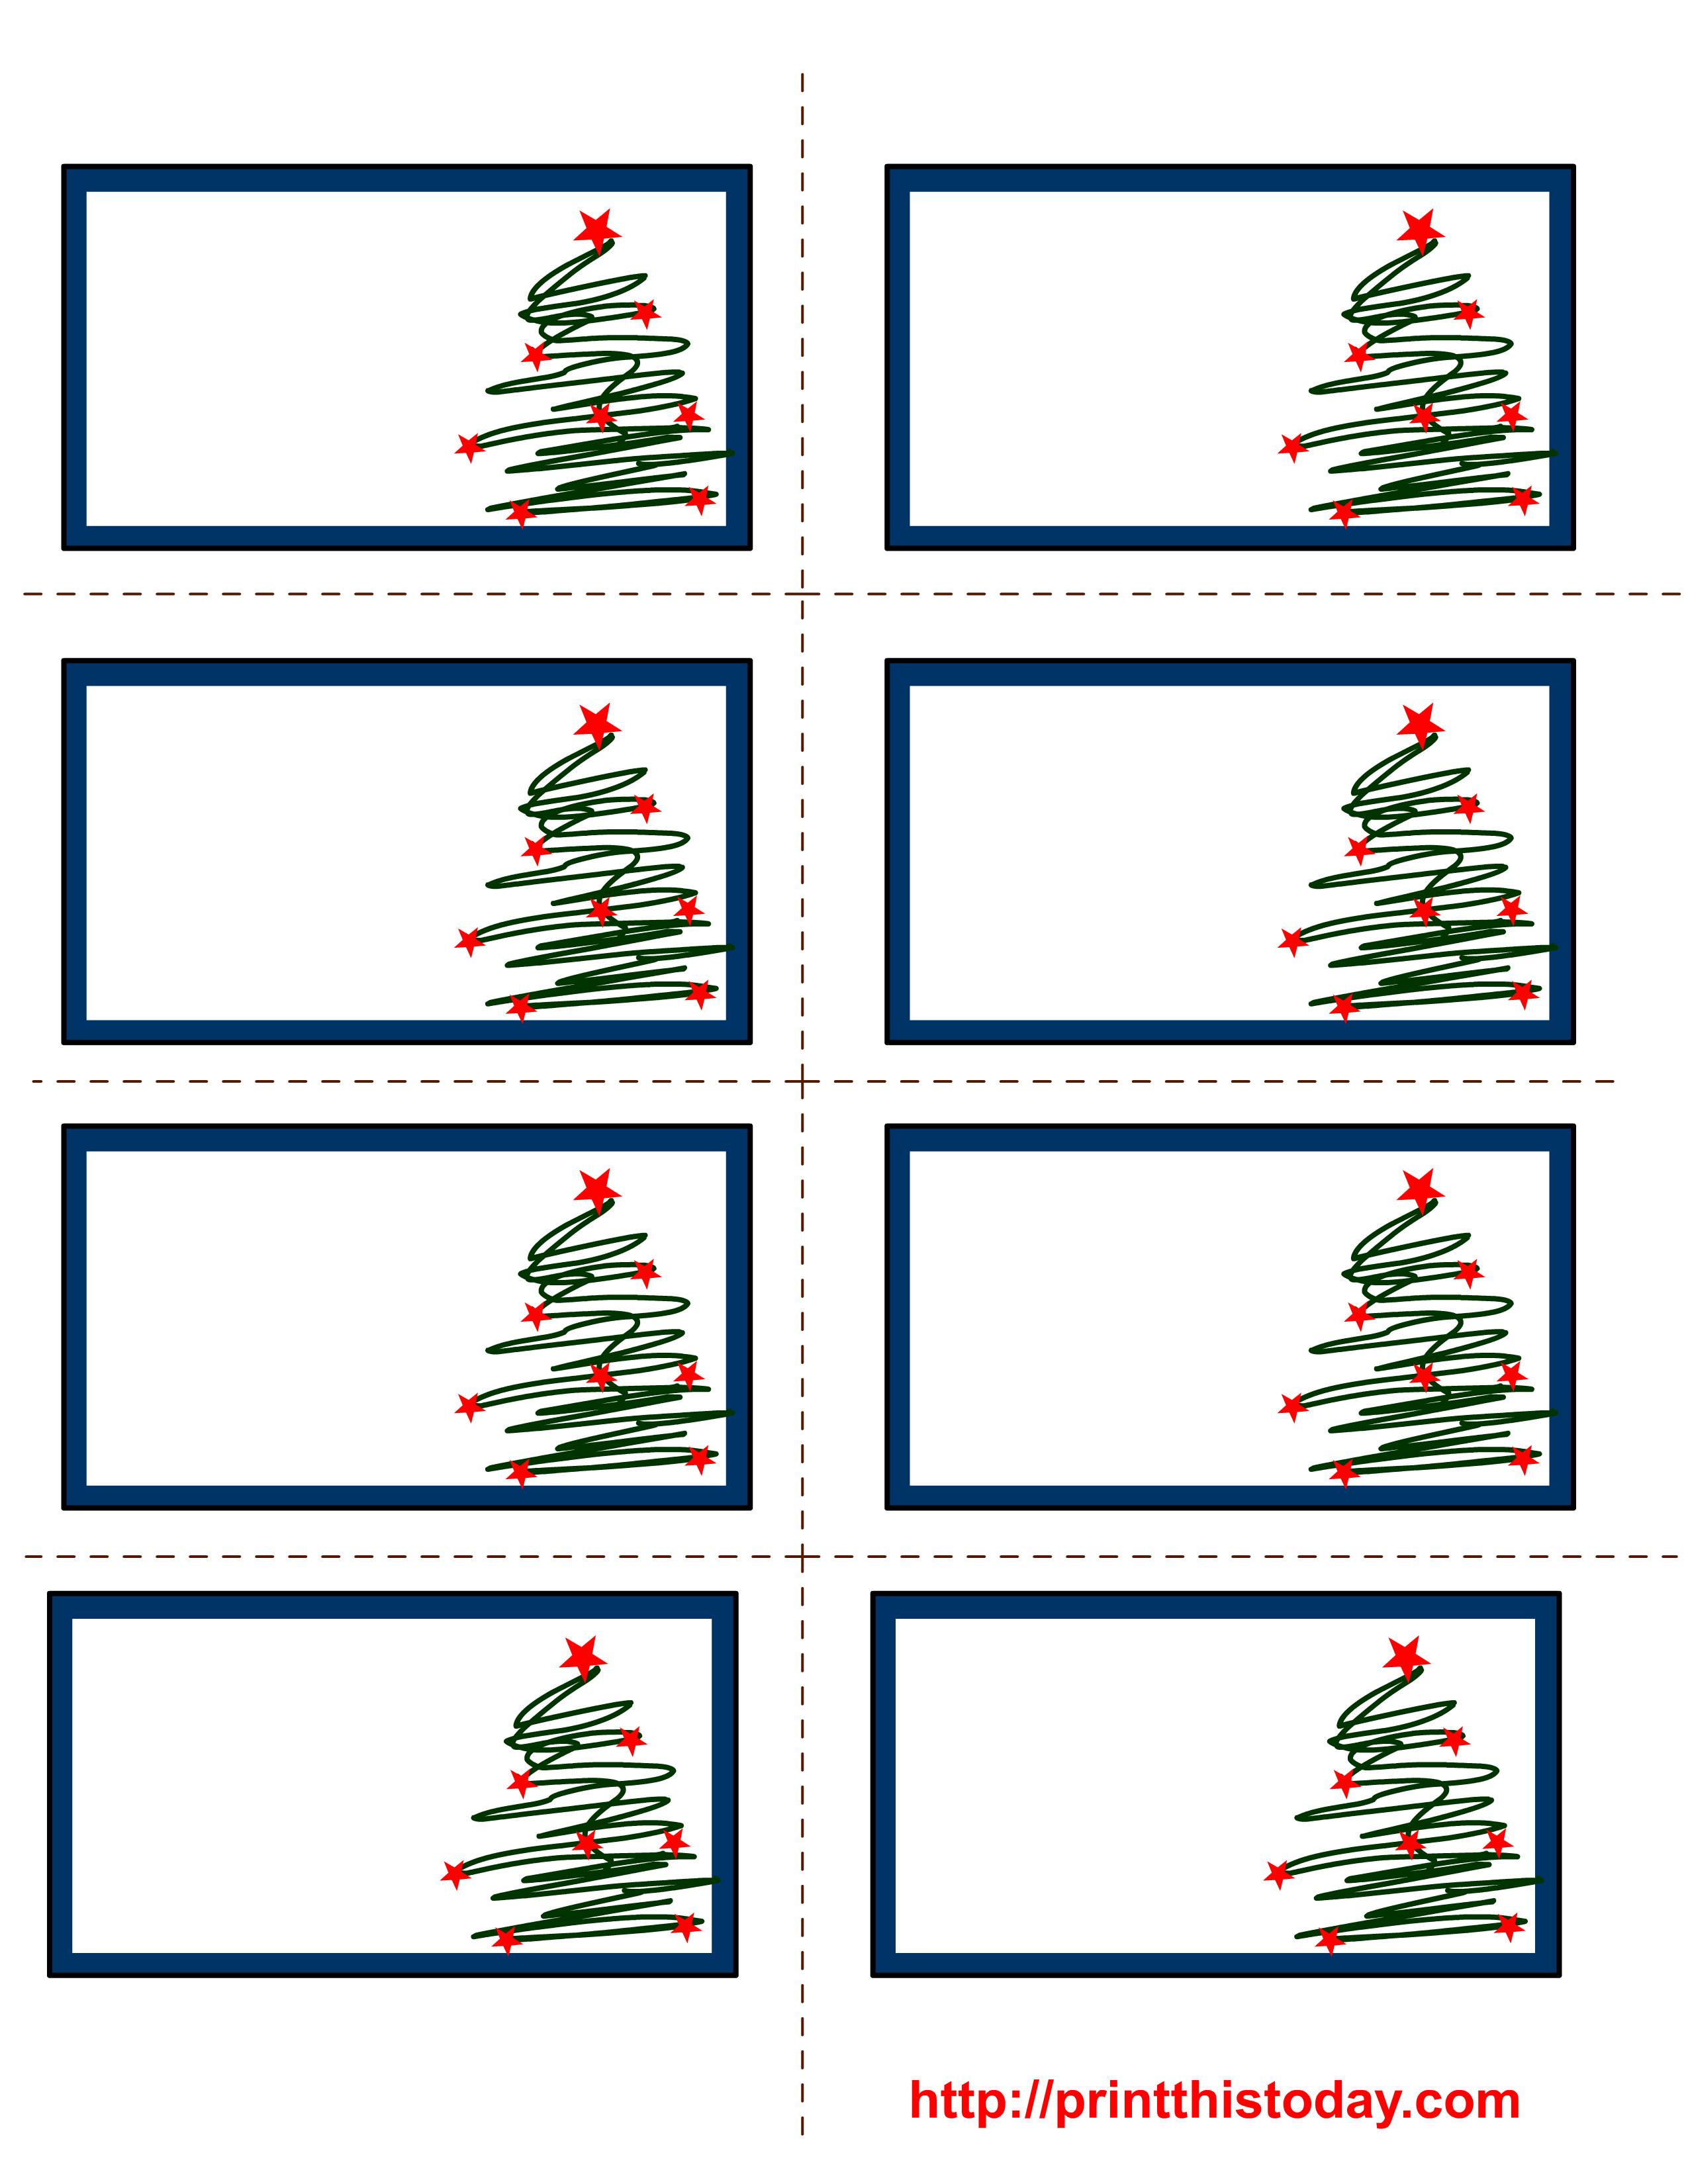 Free Labels Printable   Free Printable Christmas Labels With Trees - Free Printable Holiday Labels